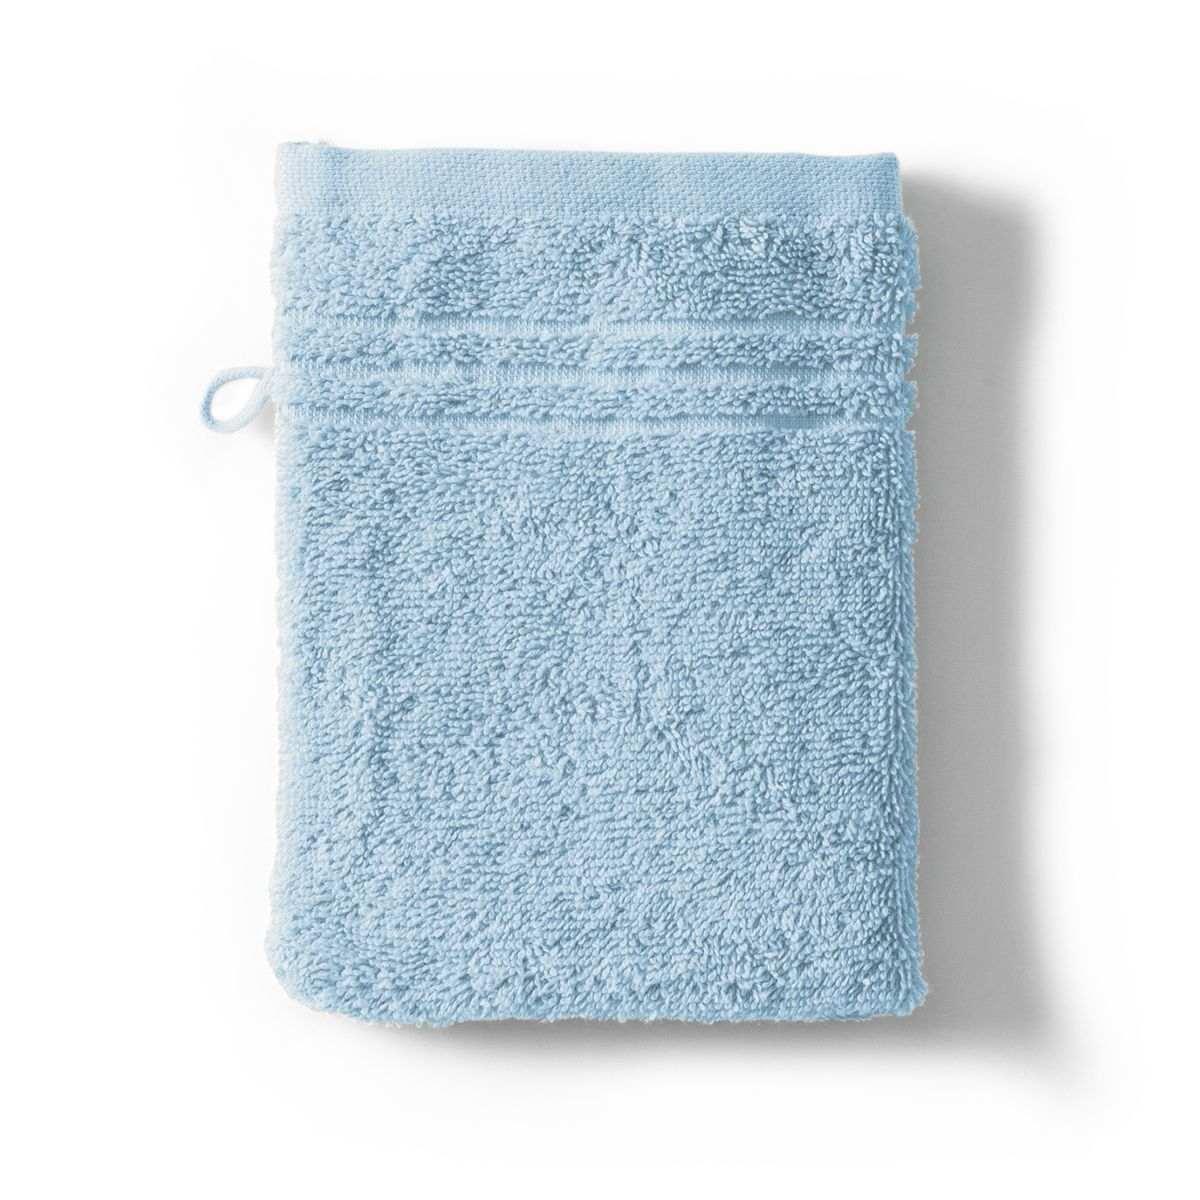 Washcloth Sdb Cotton 550gr Cotton Sponge 550g/m2 sky | Bed linen | Tradition des Vosges